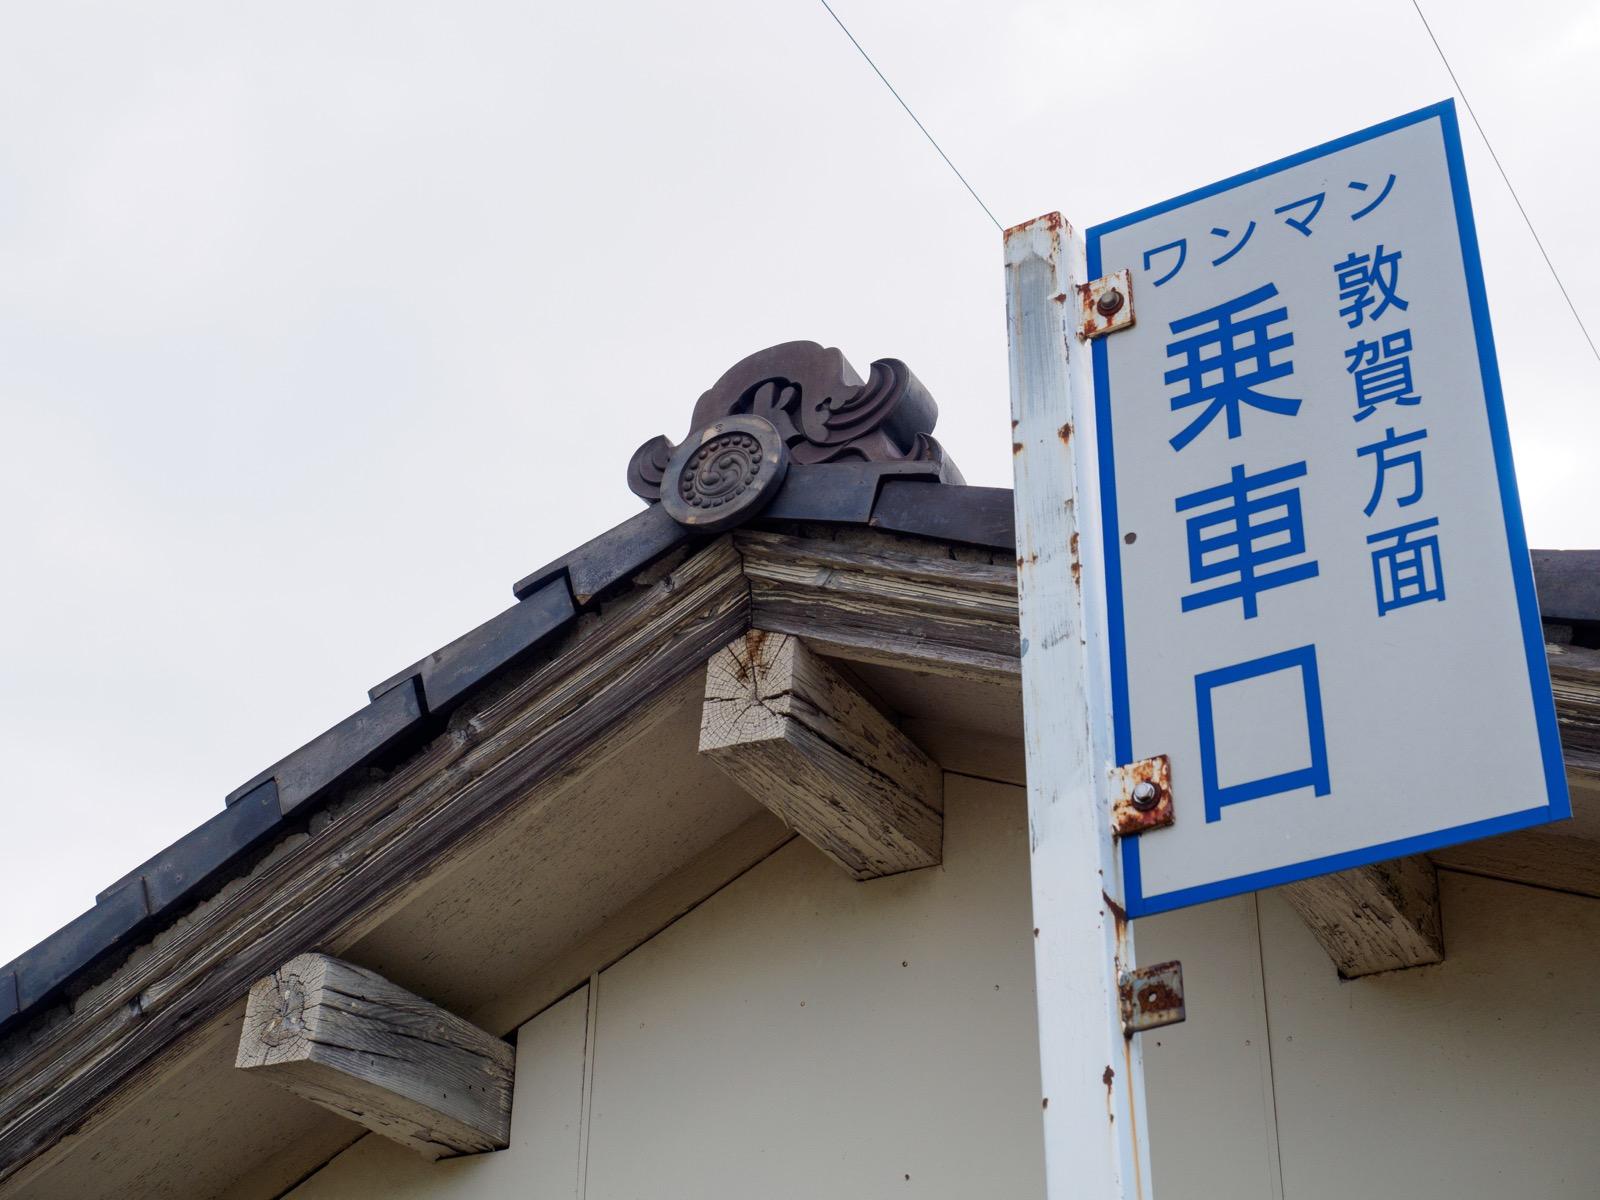 加斗駅の待合室